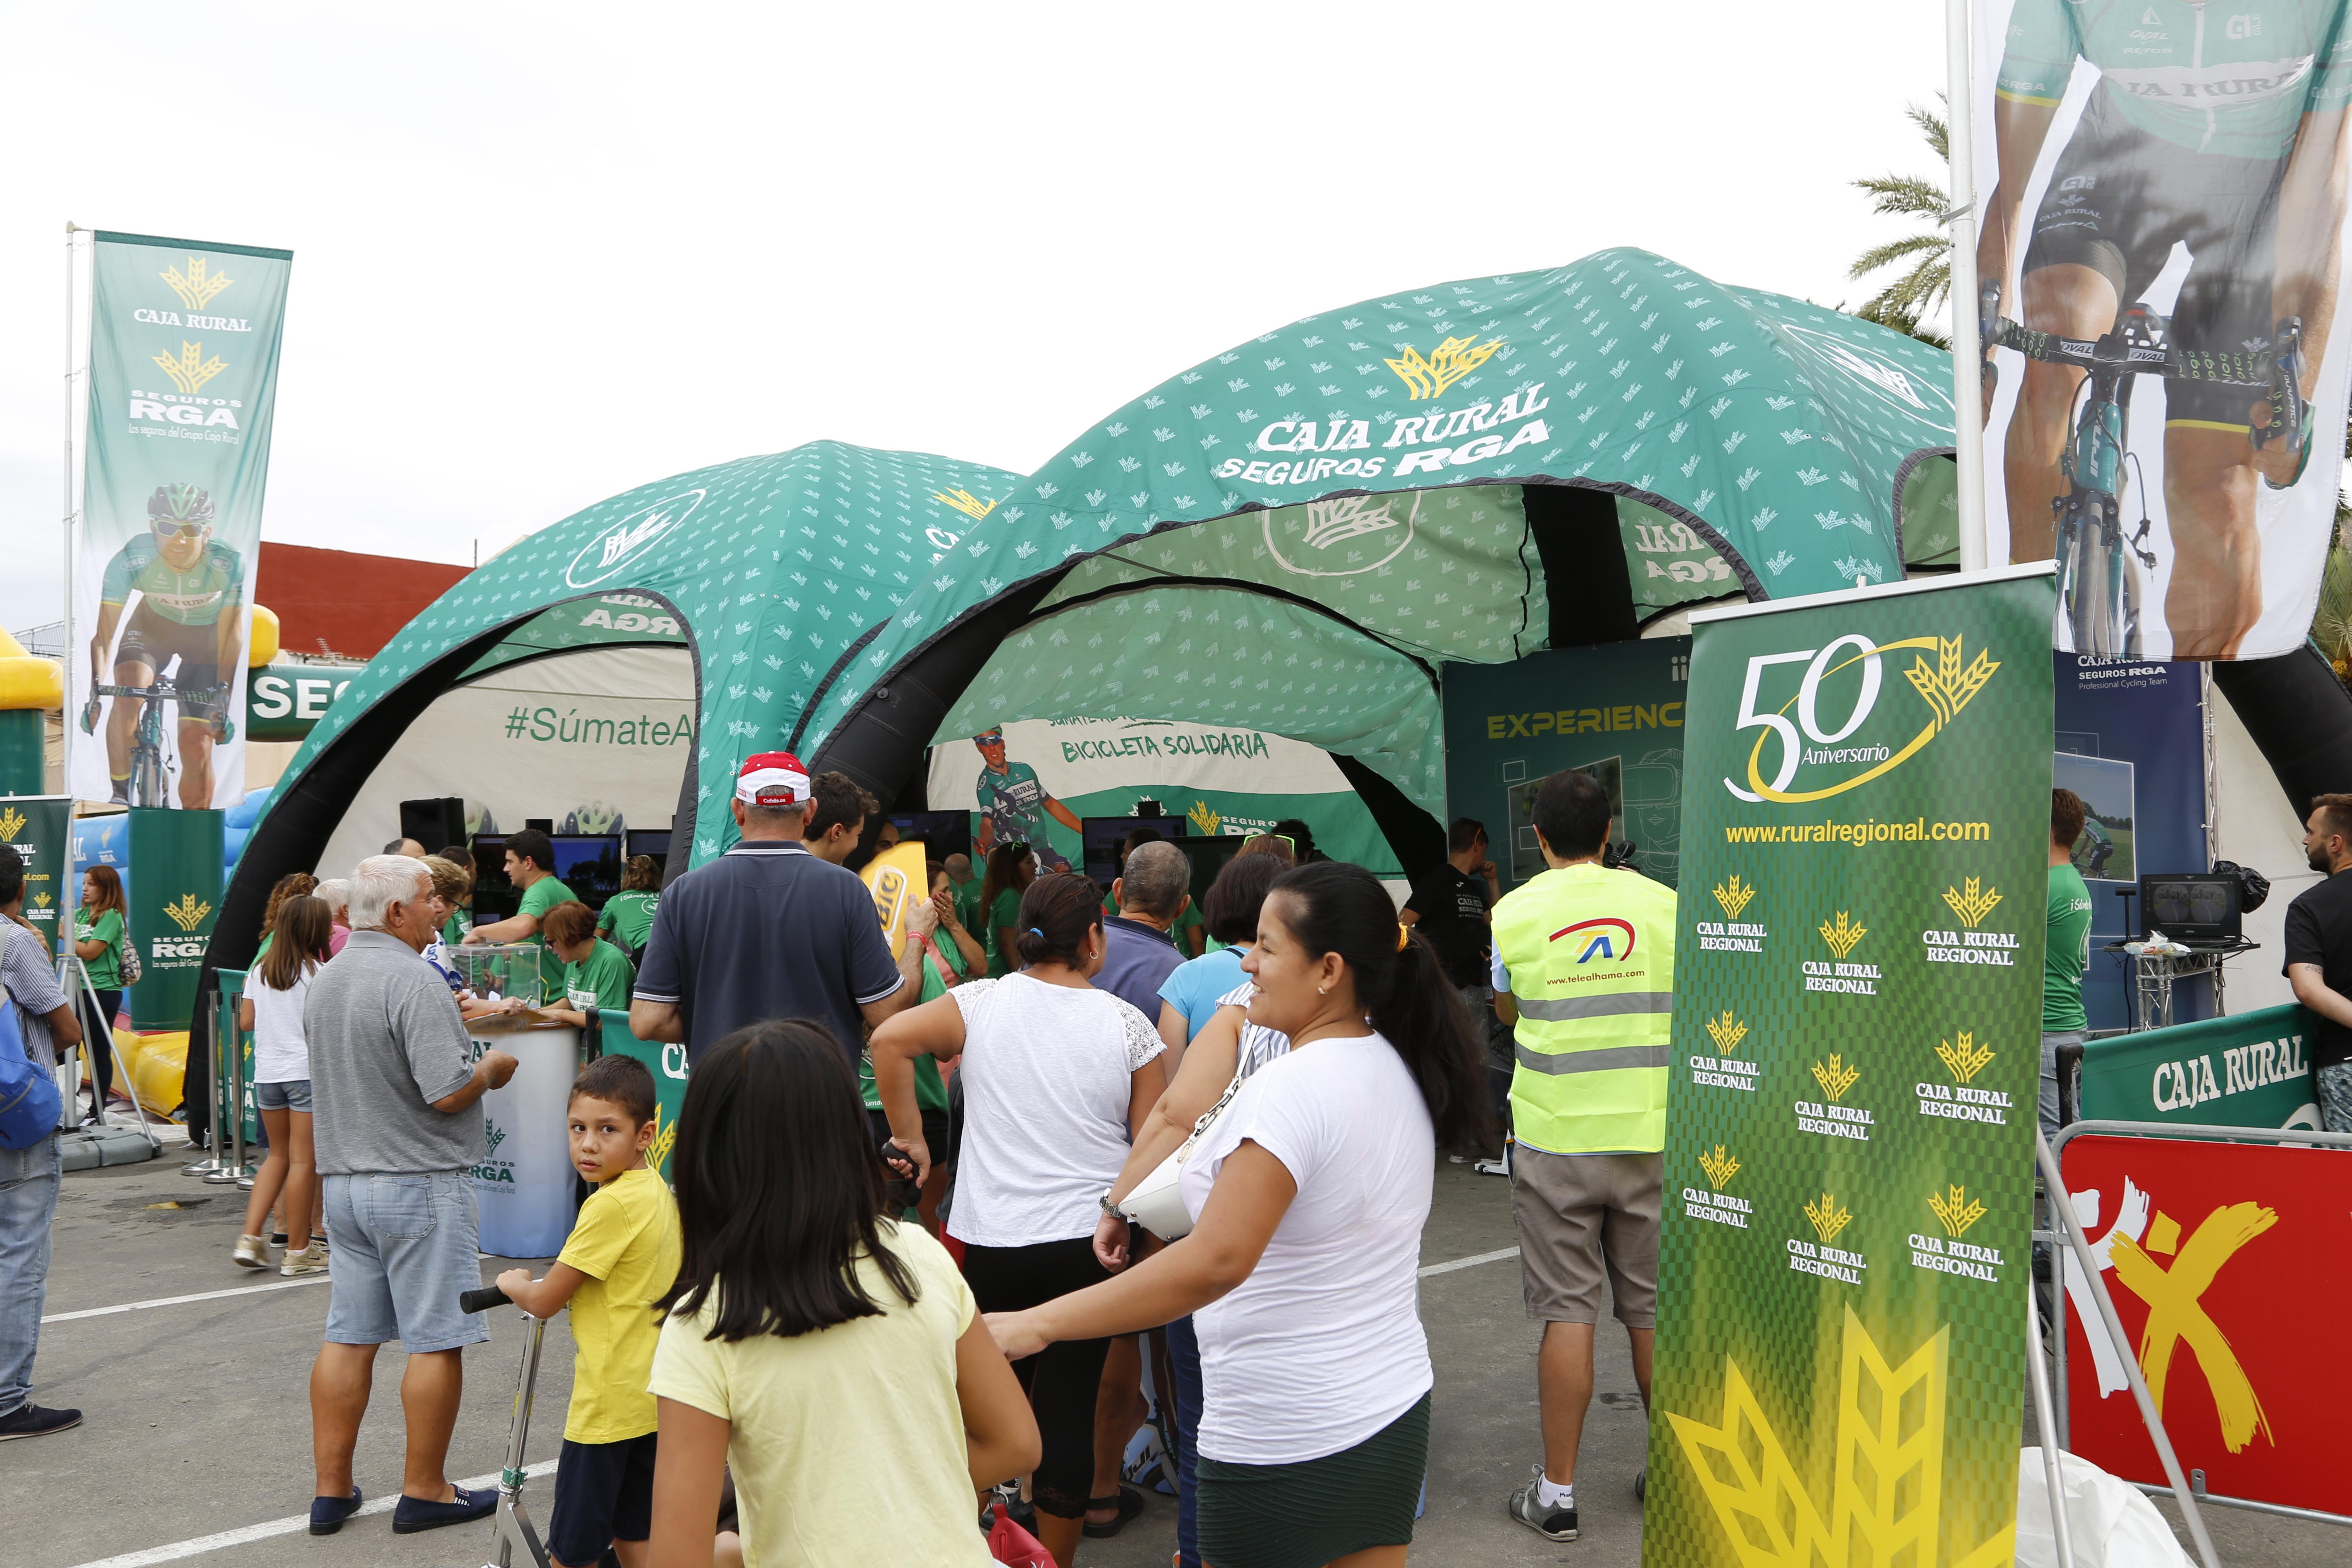 Fan Zone Caja Rural Seguros RGA La Vuelta 6